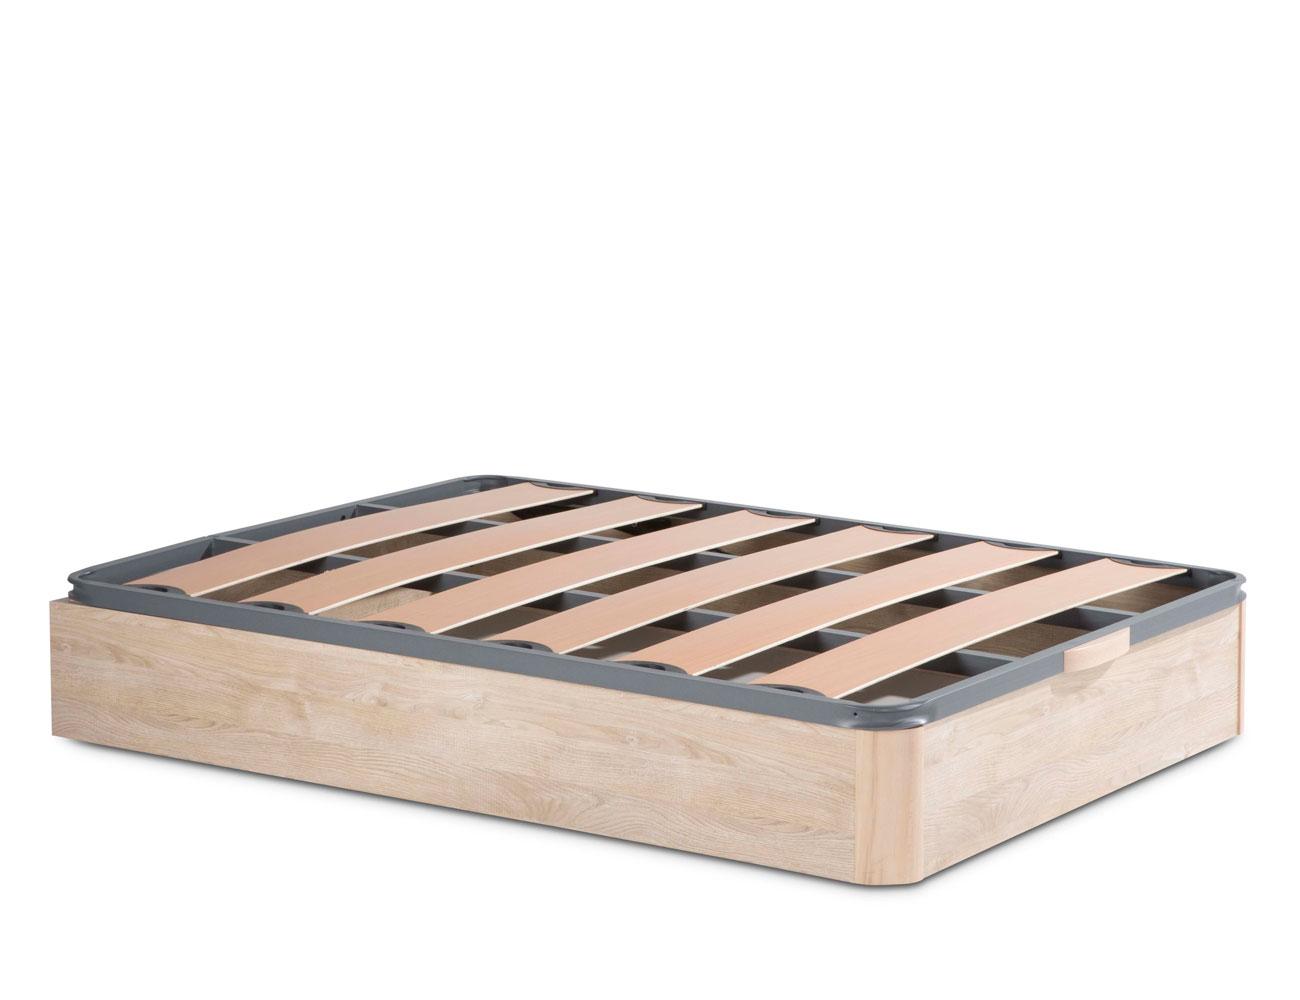 Canape madera somier laminas pvc 784